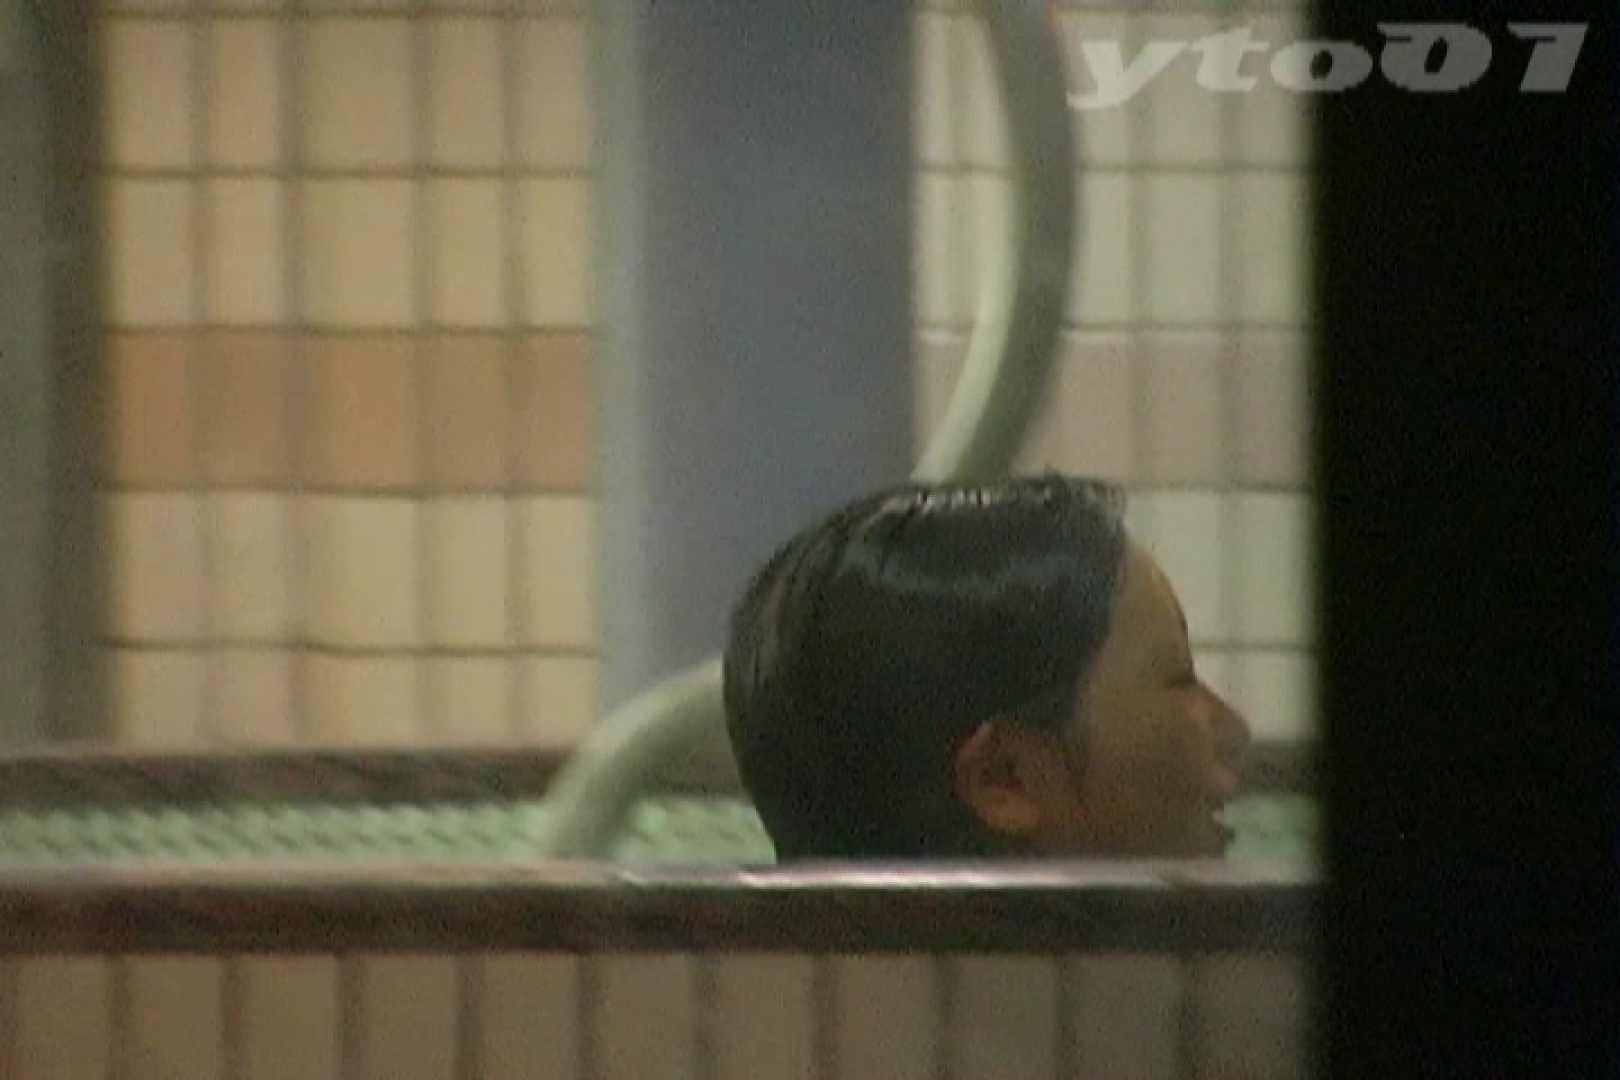 ▲復活限定▲合宿ホテル女風呂盗撮 Vol.07 入浴シーン   盗撮エロすぎ  85連発 19